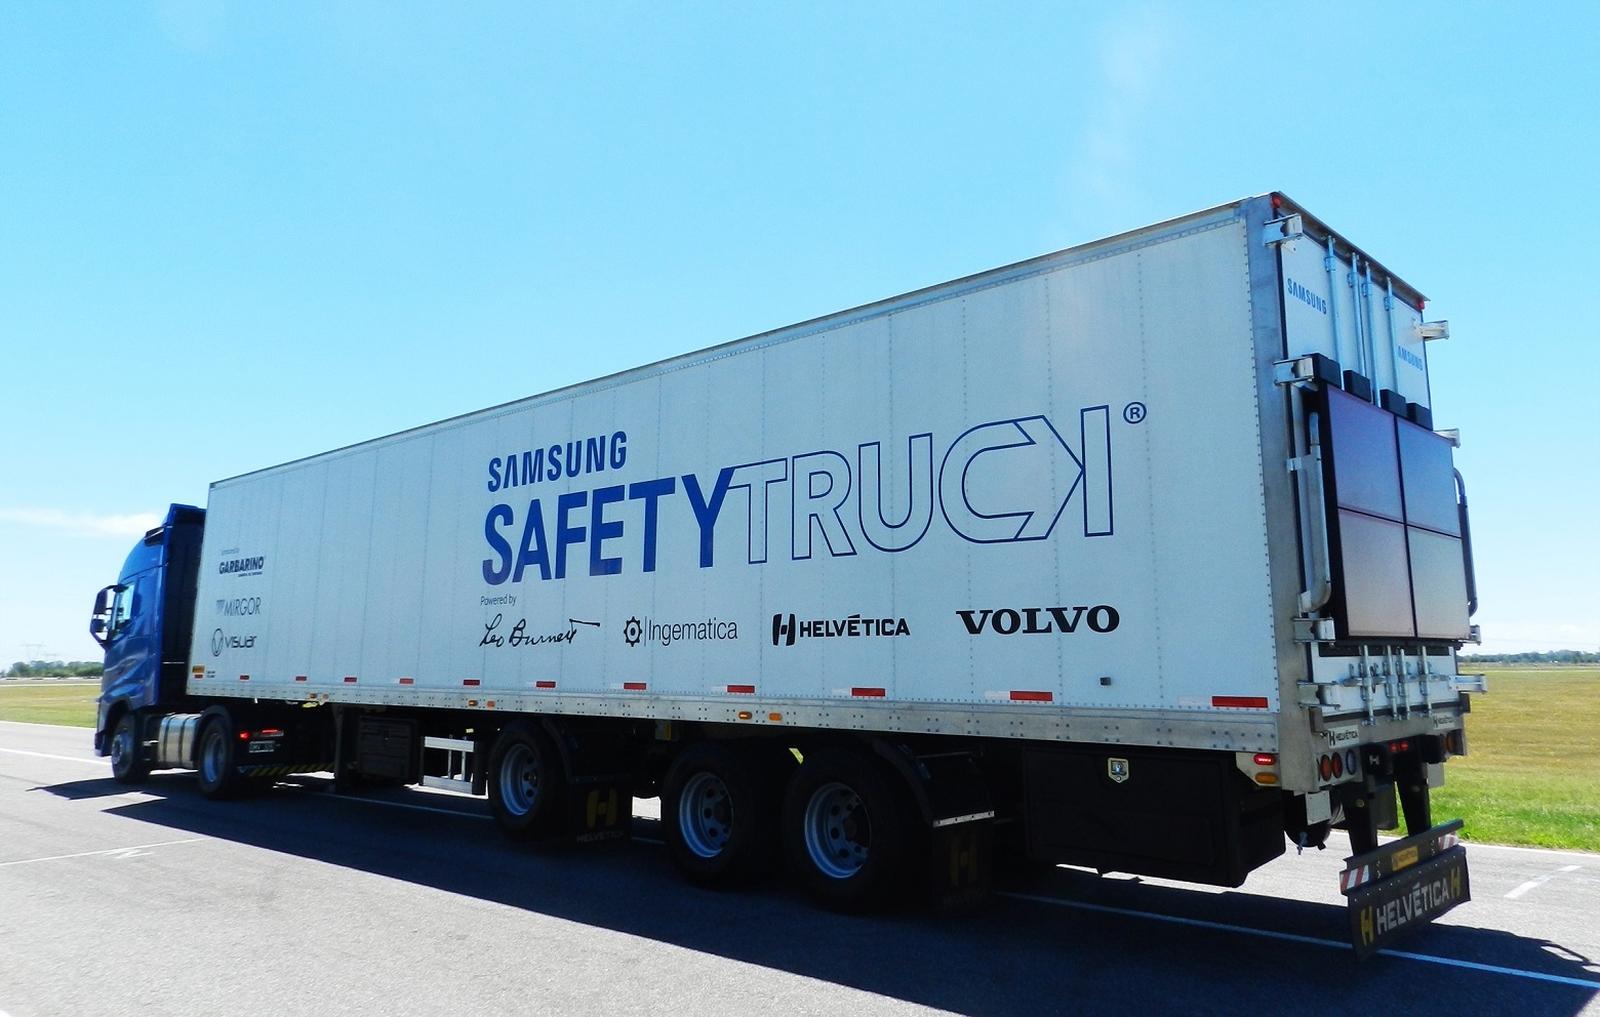 Safety_Truck2